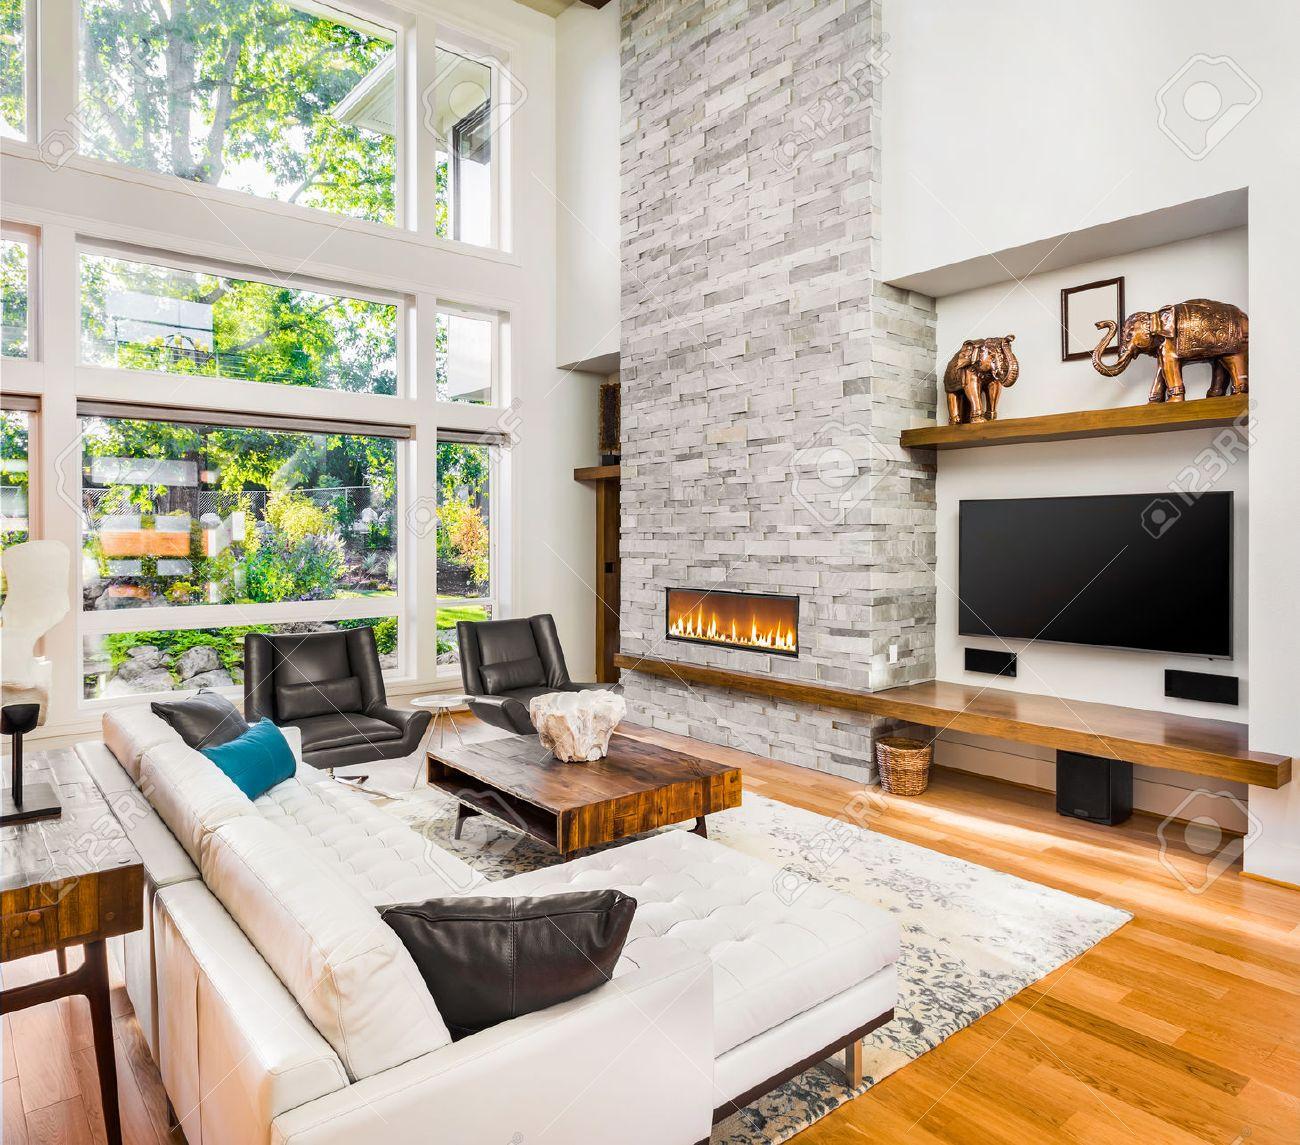 Vardagsrum inredning med trägolv och öppen spis i nya lyxiga hem ...